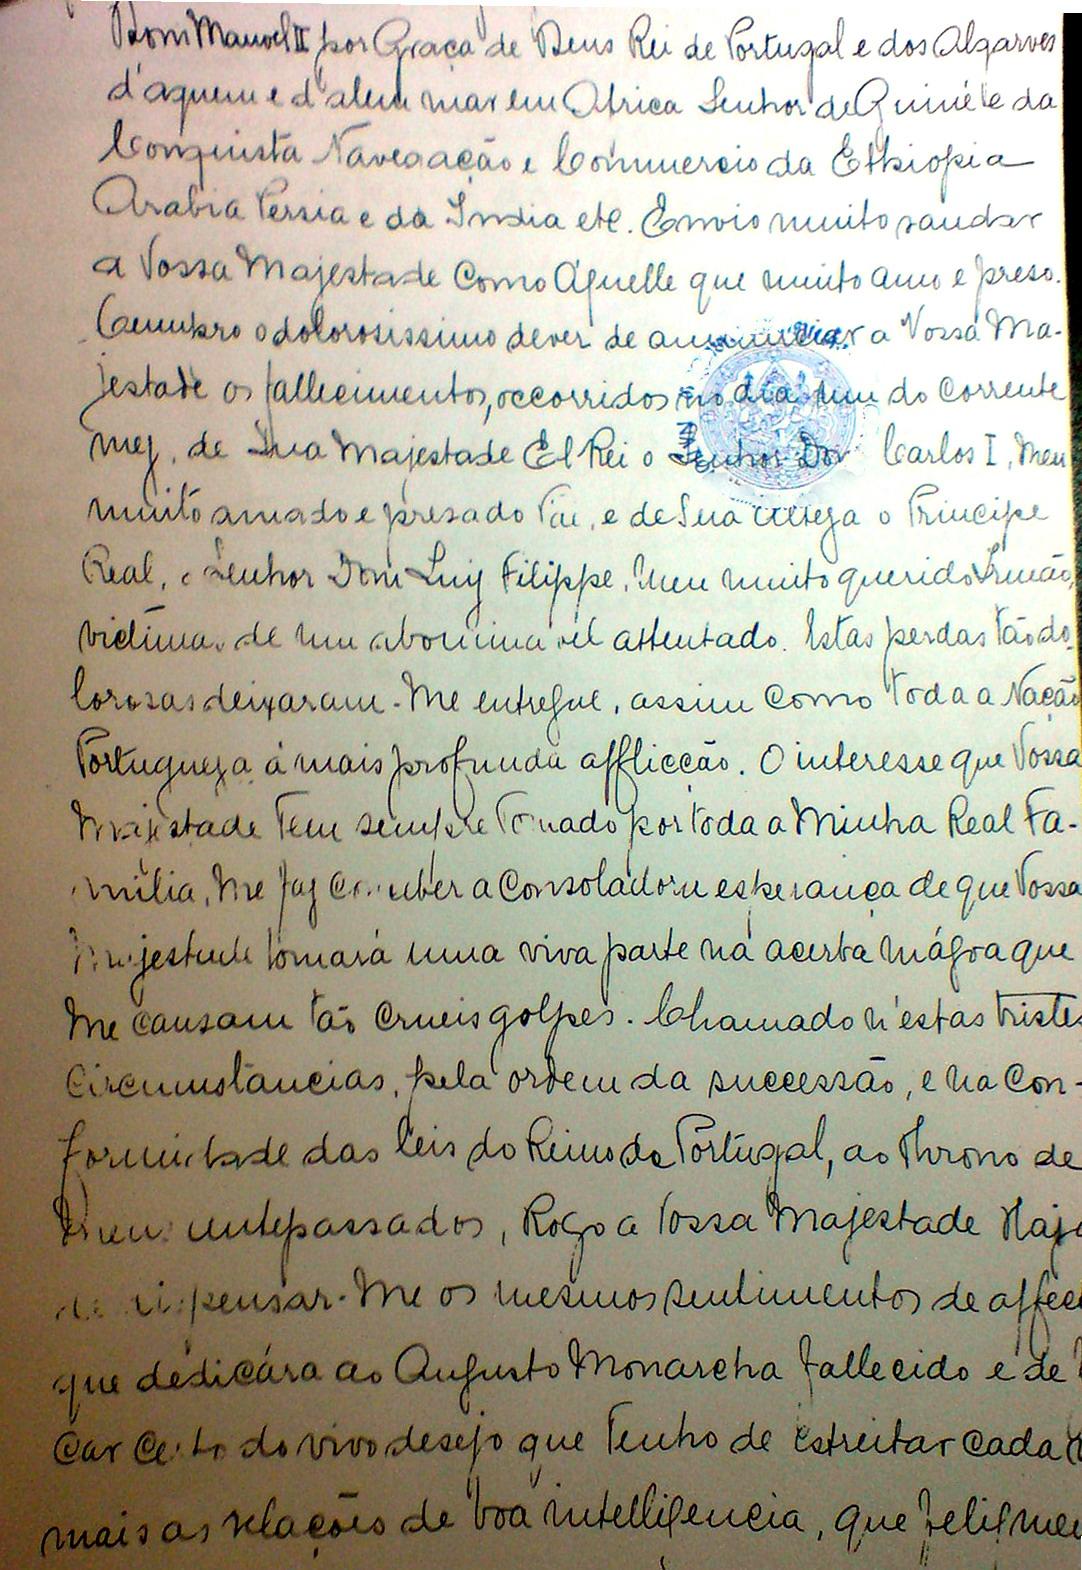 Carta D.Manuel  II ao Rei do Sião Chulangkornorn